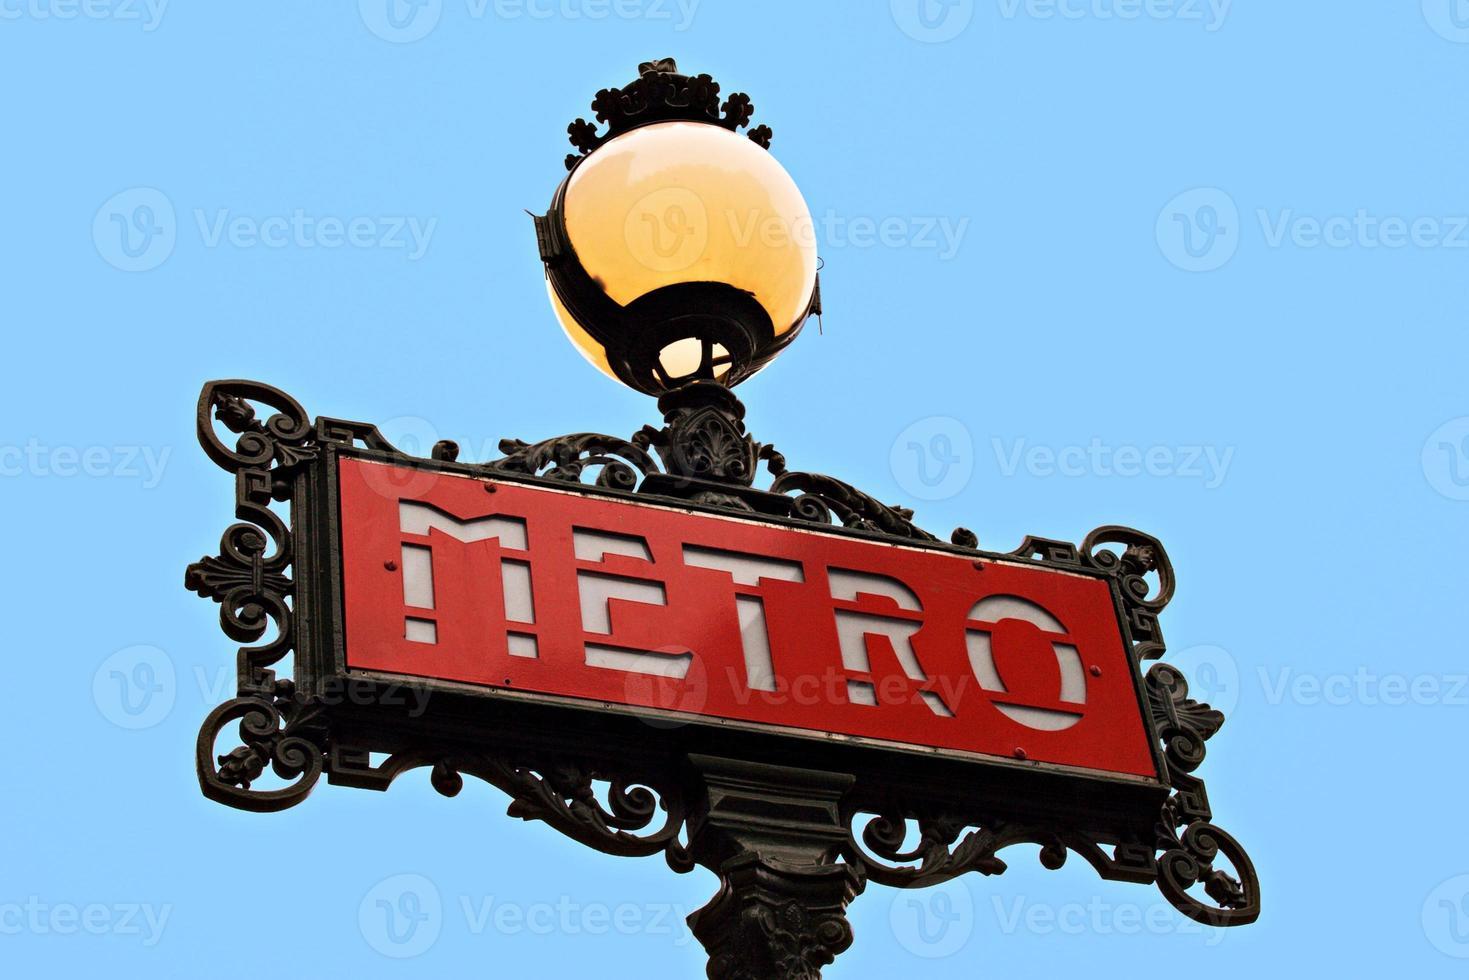 Pariser U-Bahn-Zeichen foto